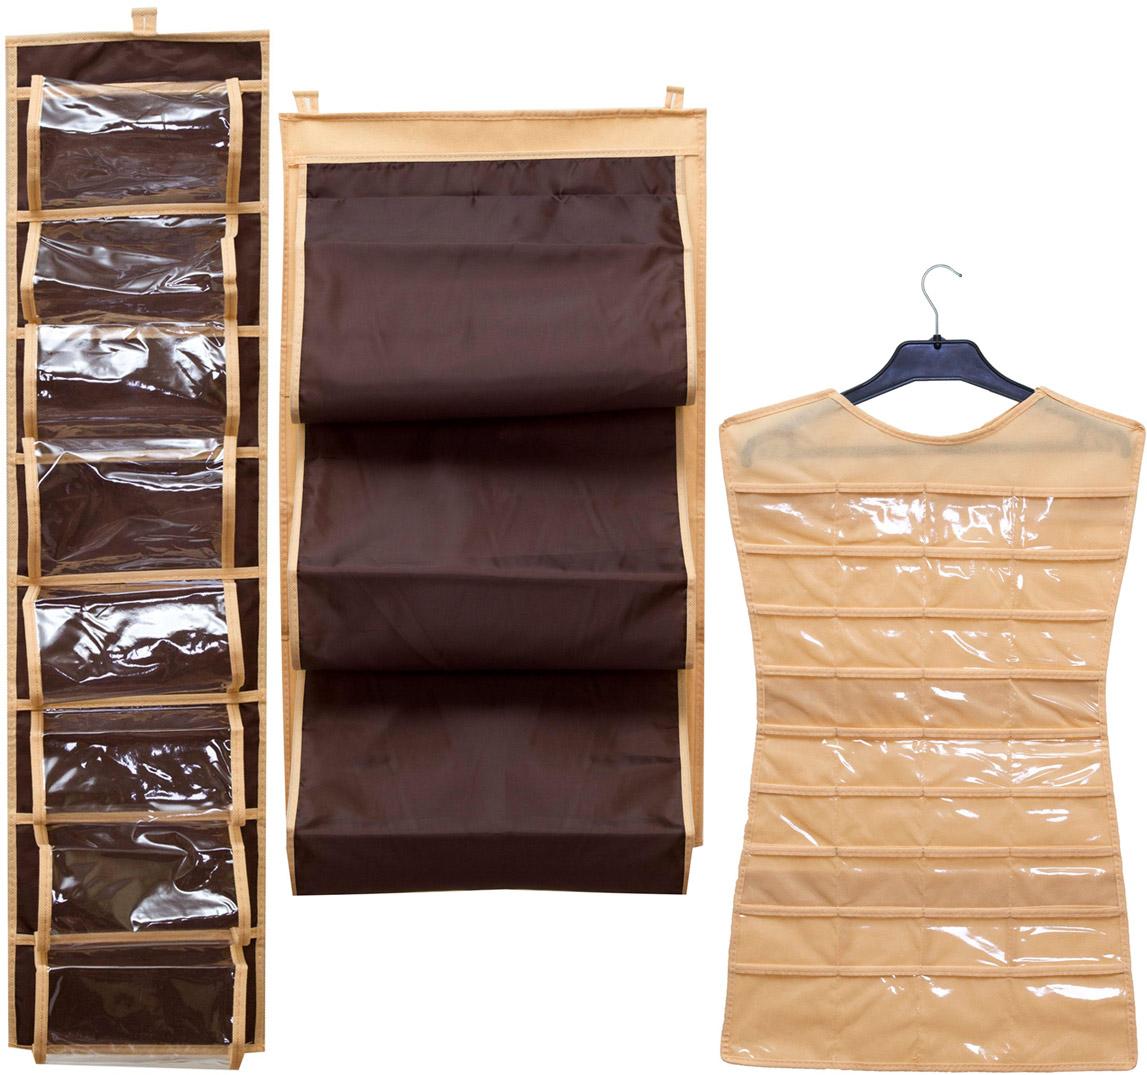 Набор органайзеров Homsu, подвесных, цвет: коричневый, 3 шт10503Набор органайзеров предназначен для удобного и компактного хранения различных вещей и бижутерии. Классический темно-коричневый цвет отлично дополняет интерьер, придавая ему оригинальный стиль. В набор входят 3 органайзера: Кофр подвесной для сумок темно-коричневый; Органайзер темно-коричневый подвесной двусторонний на 16 карманов; Органайзер темно-коричневый для бижутерии Выбирая набор органайзеров, вы приобретаете практичное хранение вещей, стильные аксессуары для интерьера и свободное пространство.400х700; 200х800; 750х450